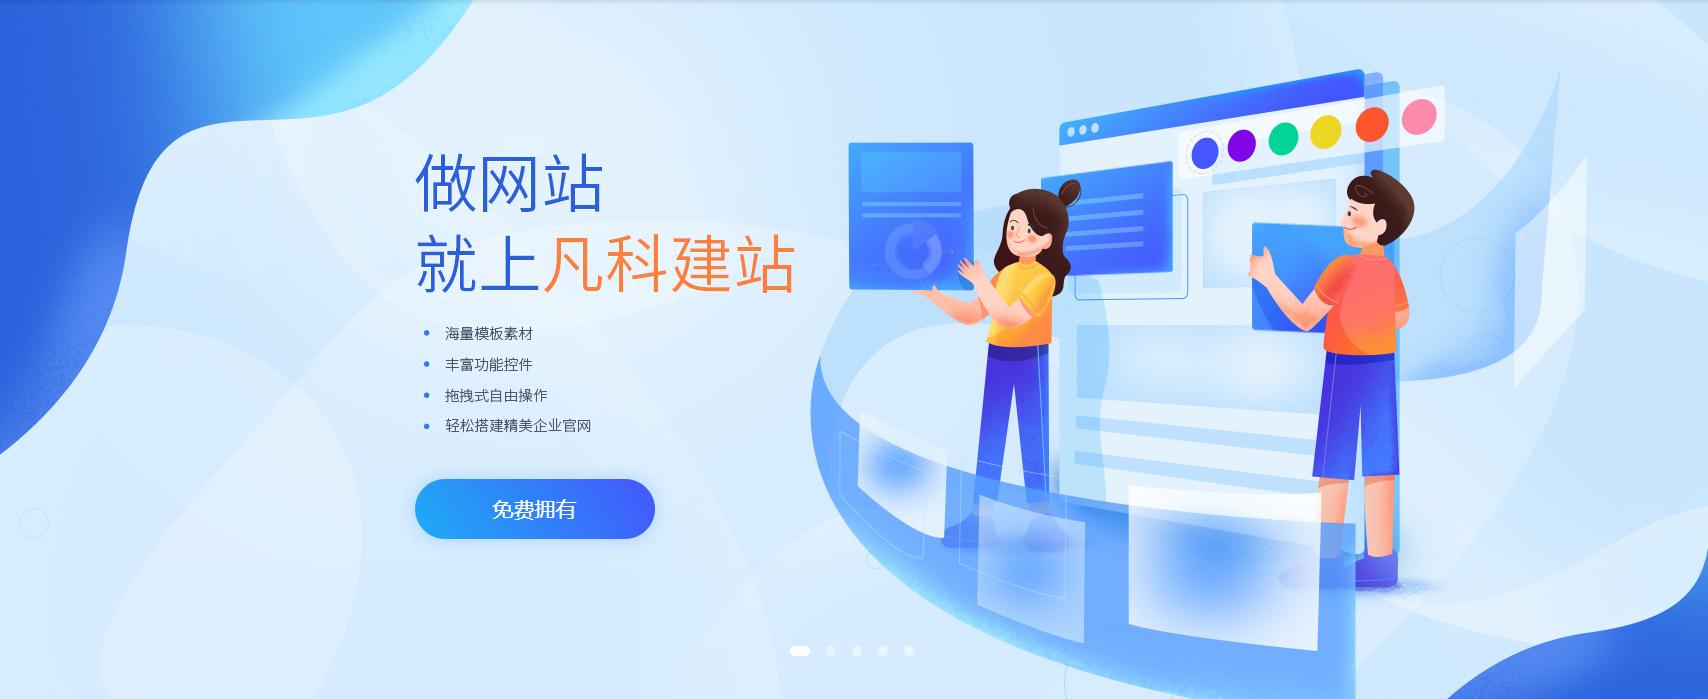 企业网站建设页面设计